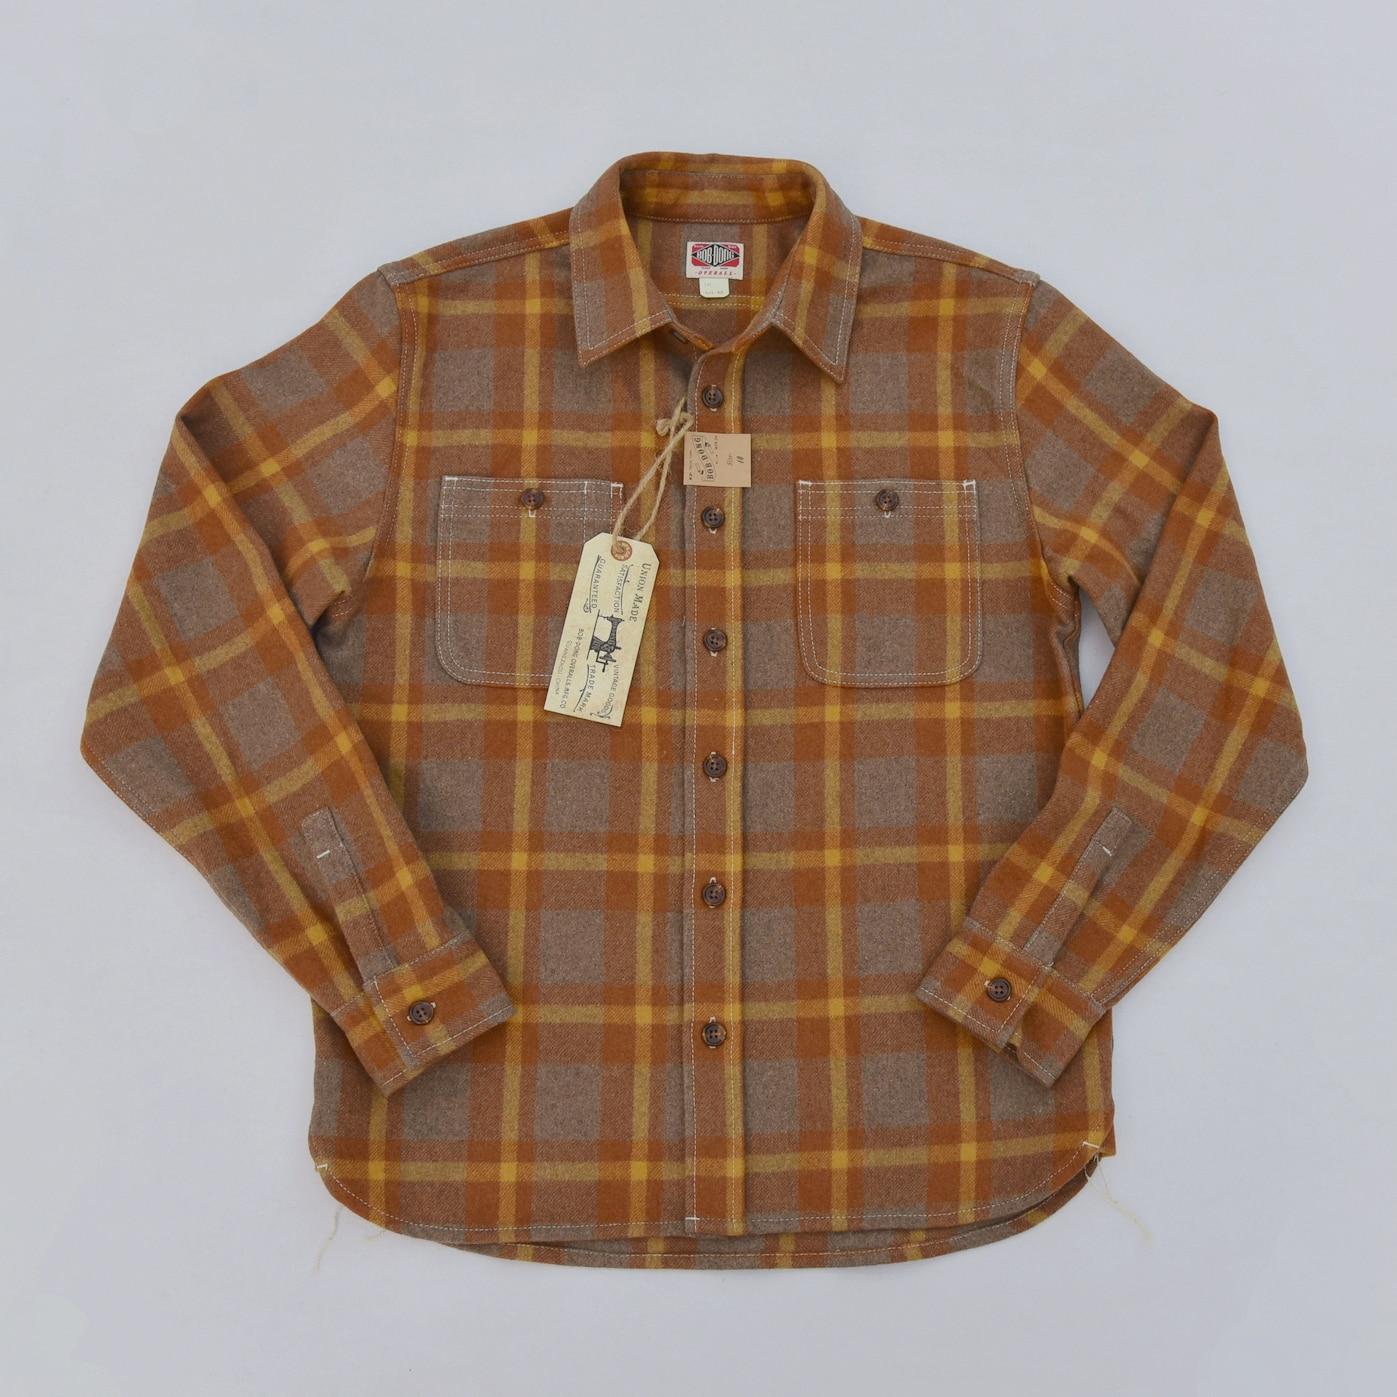 BOB DONG, шерстяные клетчатые рубашки, Зимние Повседневные теплые рубашки с длинным рукавом и пуговицами спереди